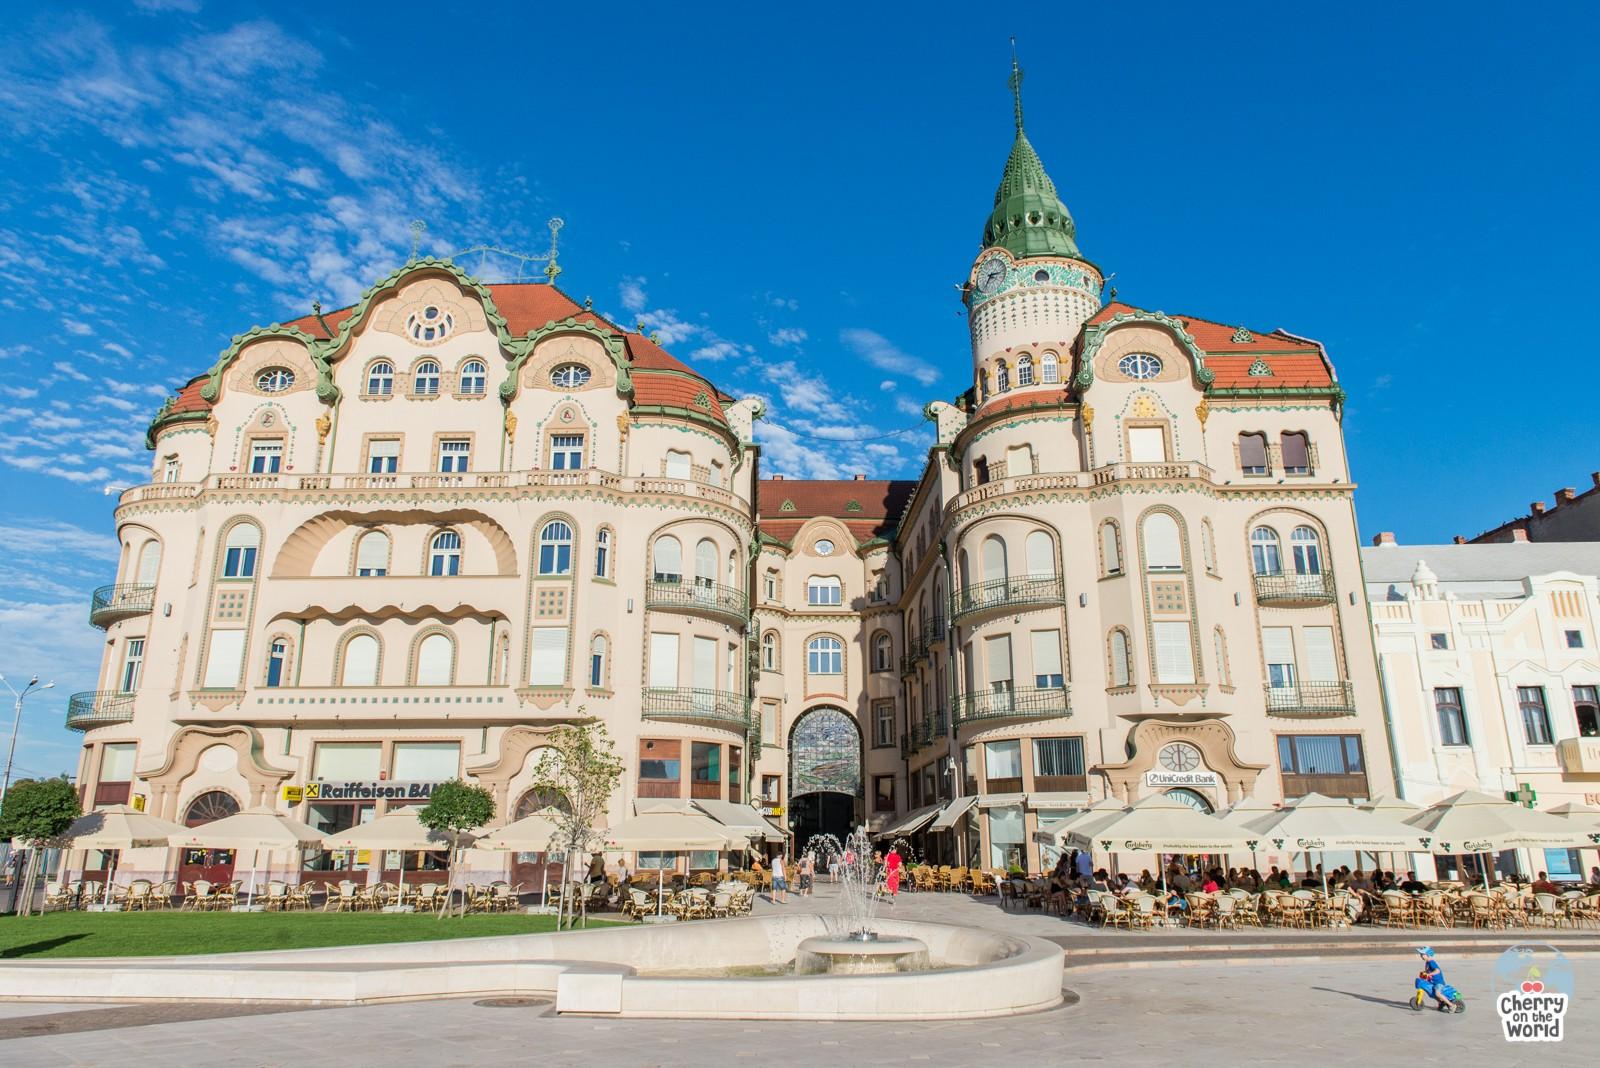 Turist în orașul meu - Oradea